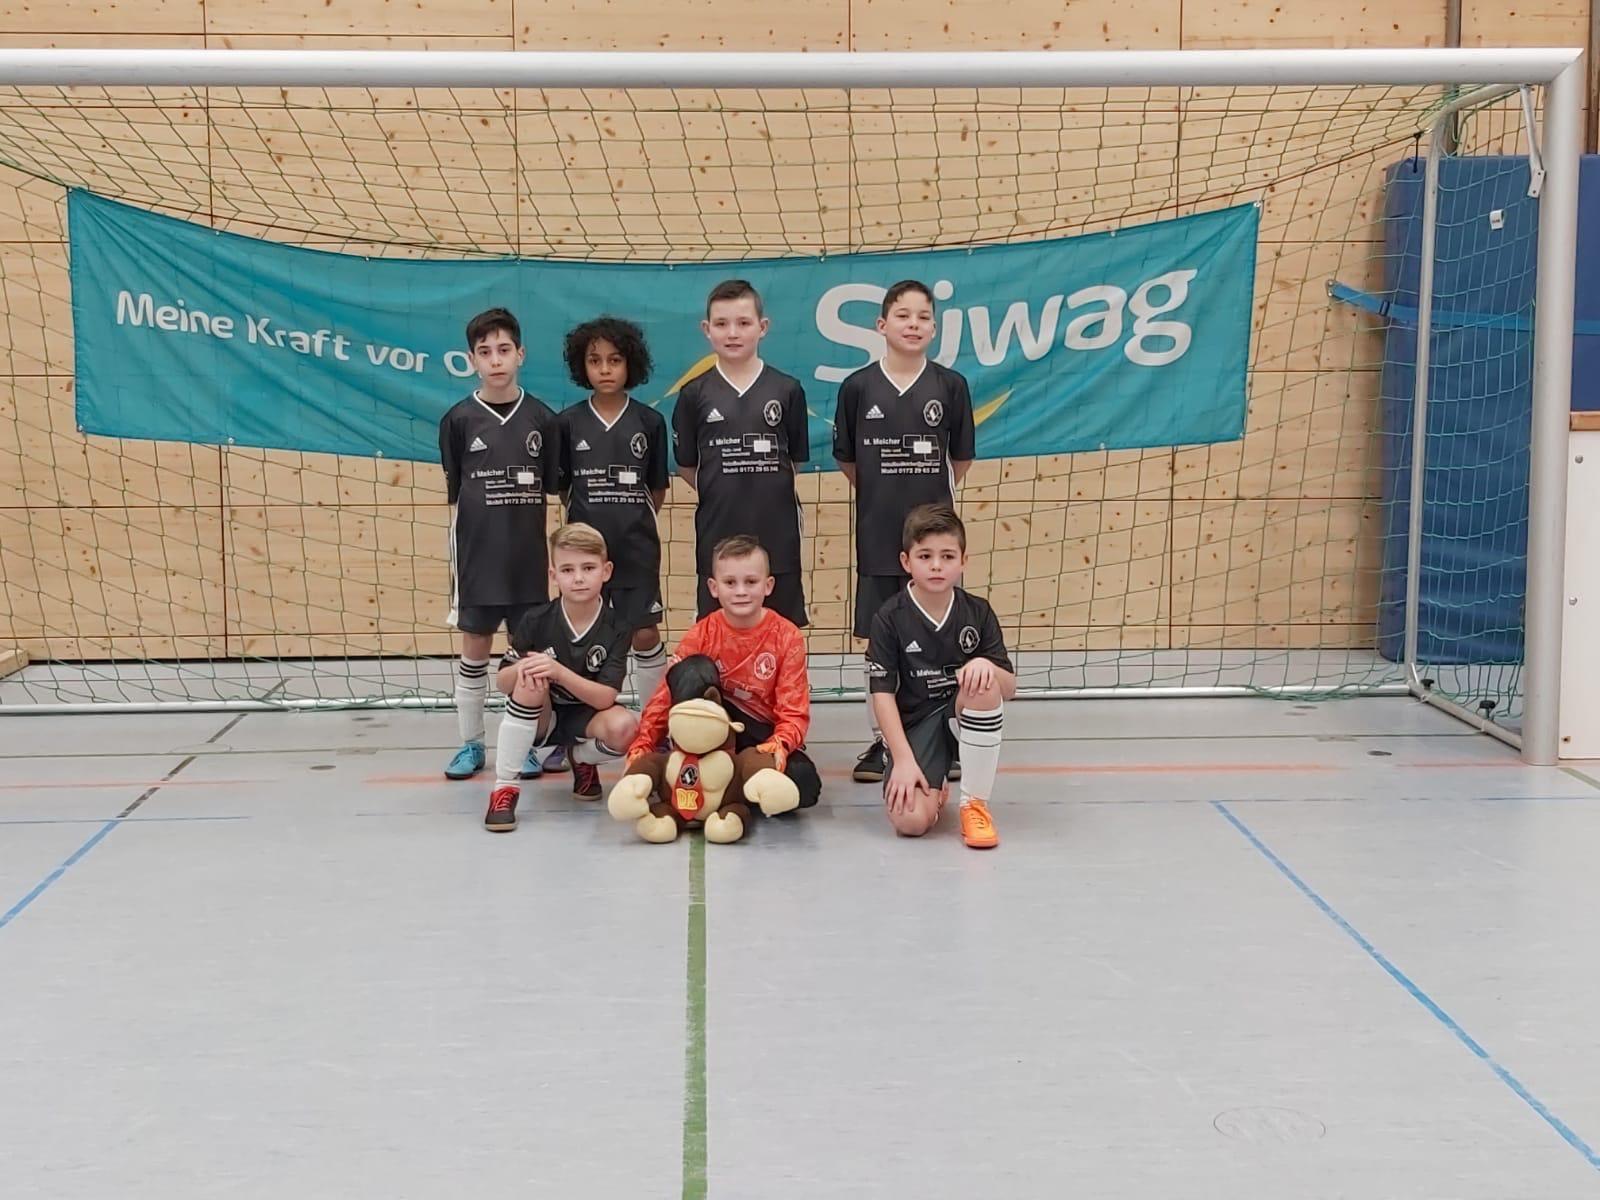 E-Junioren U10 - SC Schwarz-Weiss Köln - Süwag Hallencup 2020